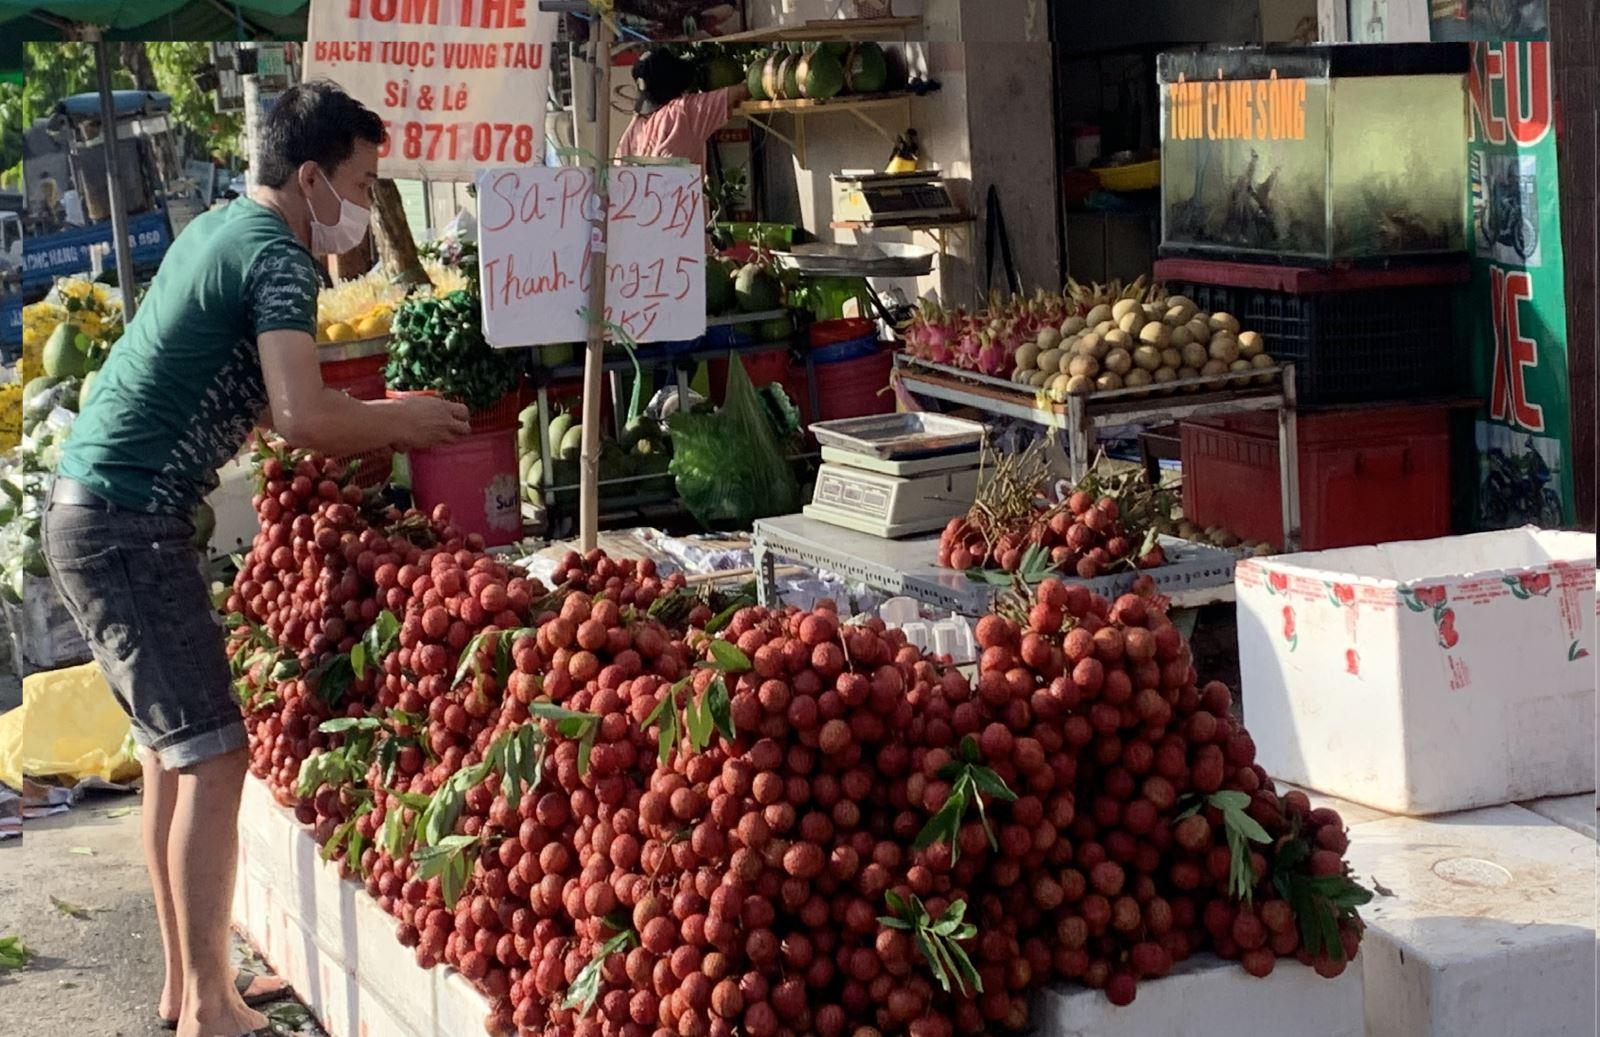 TP Hồ Chí Minhvừa nỗ lực chống dịch vừa hỗ trợ tiêu thụ nông sản cho các tỉnh - Ảnh 1.